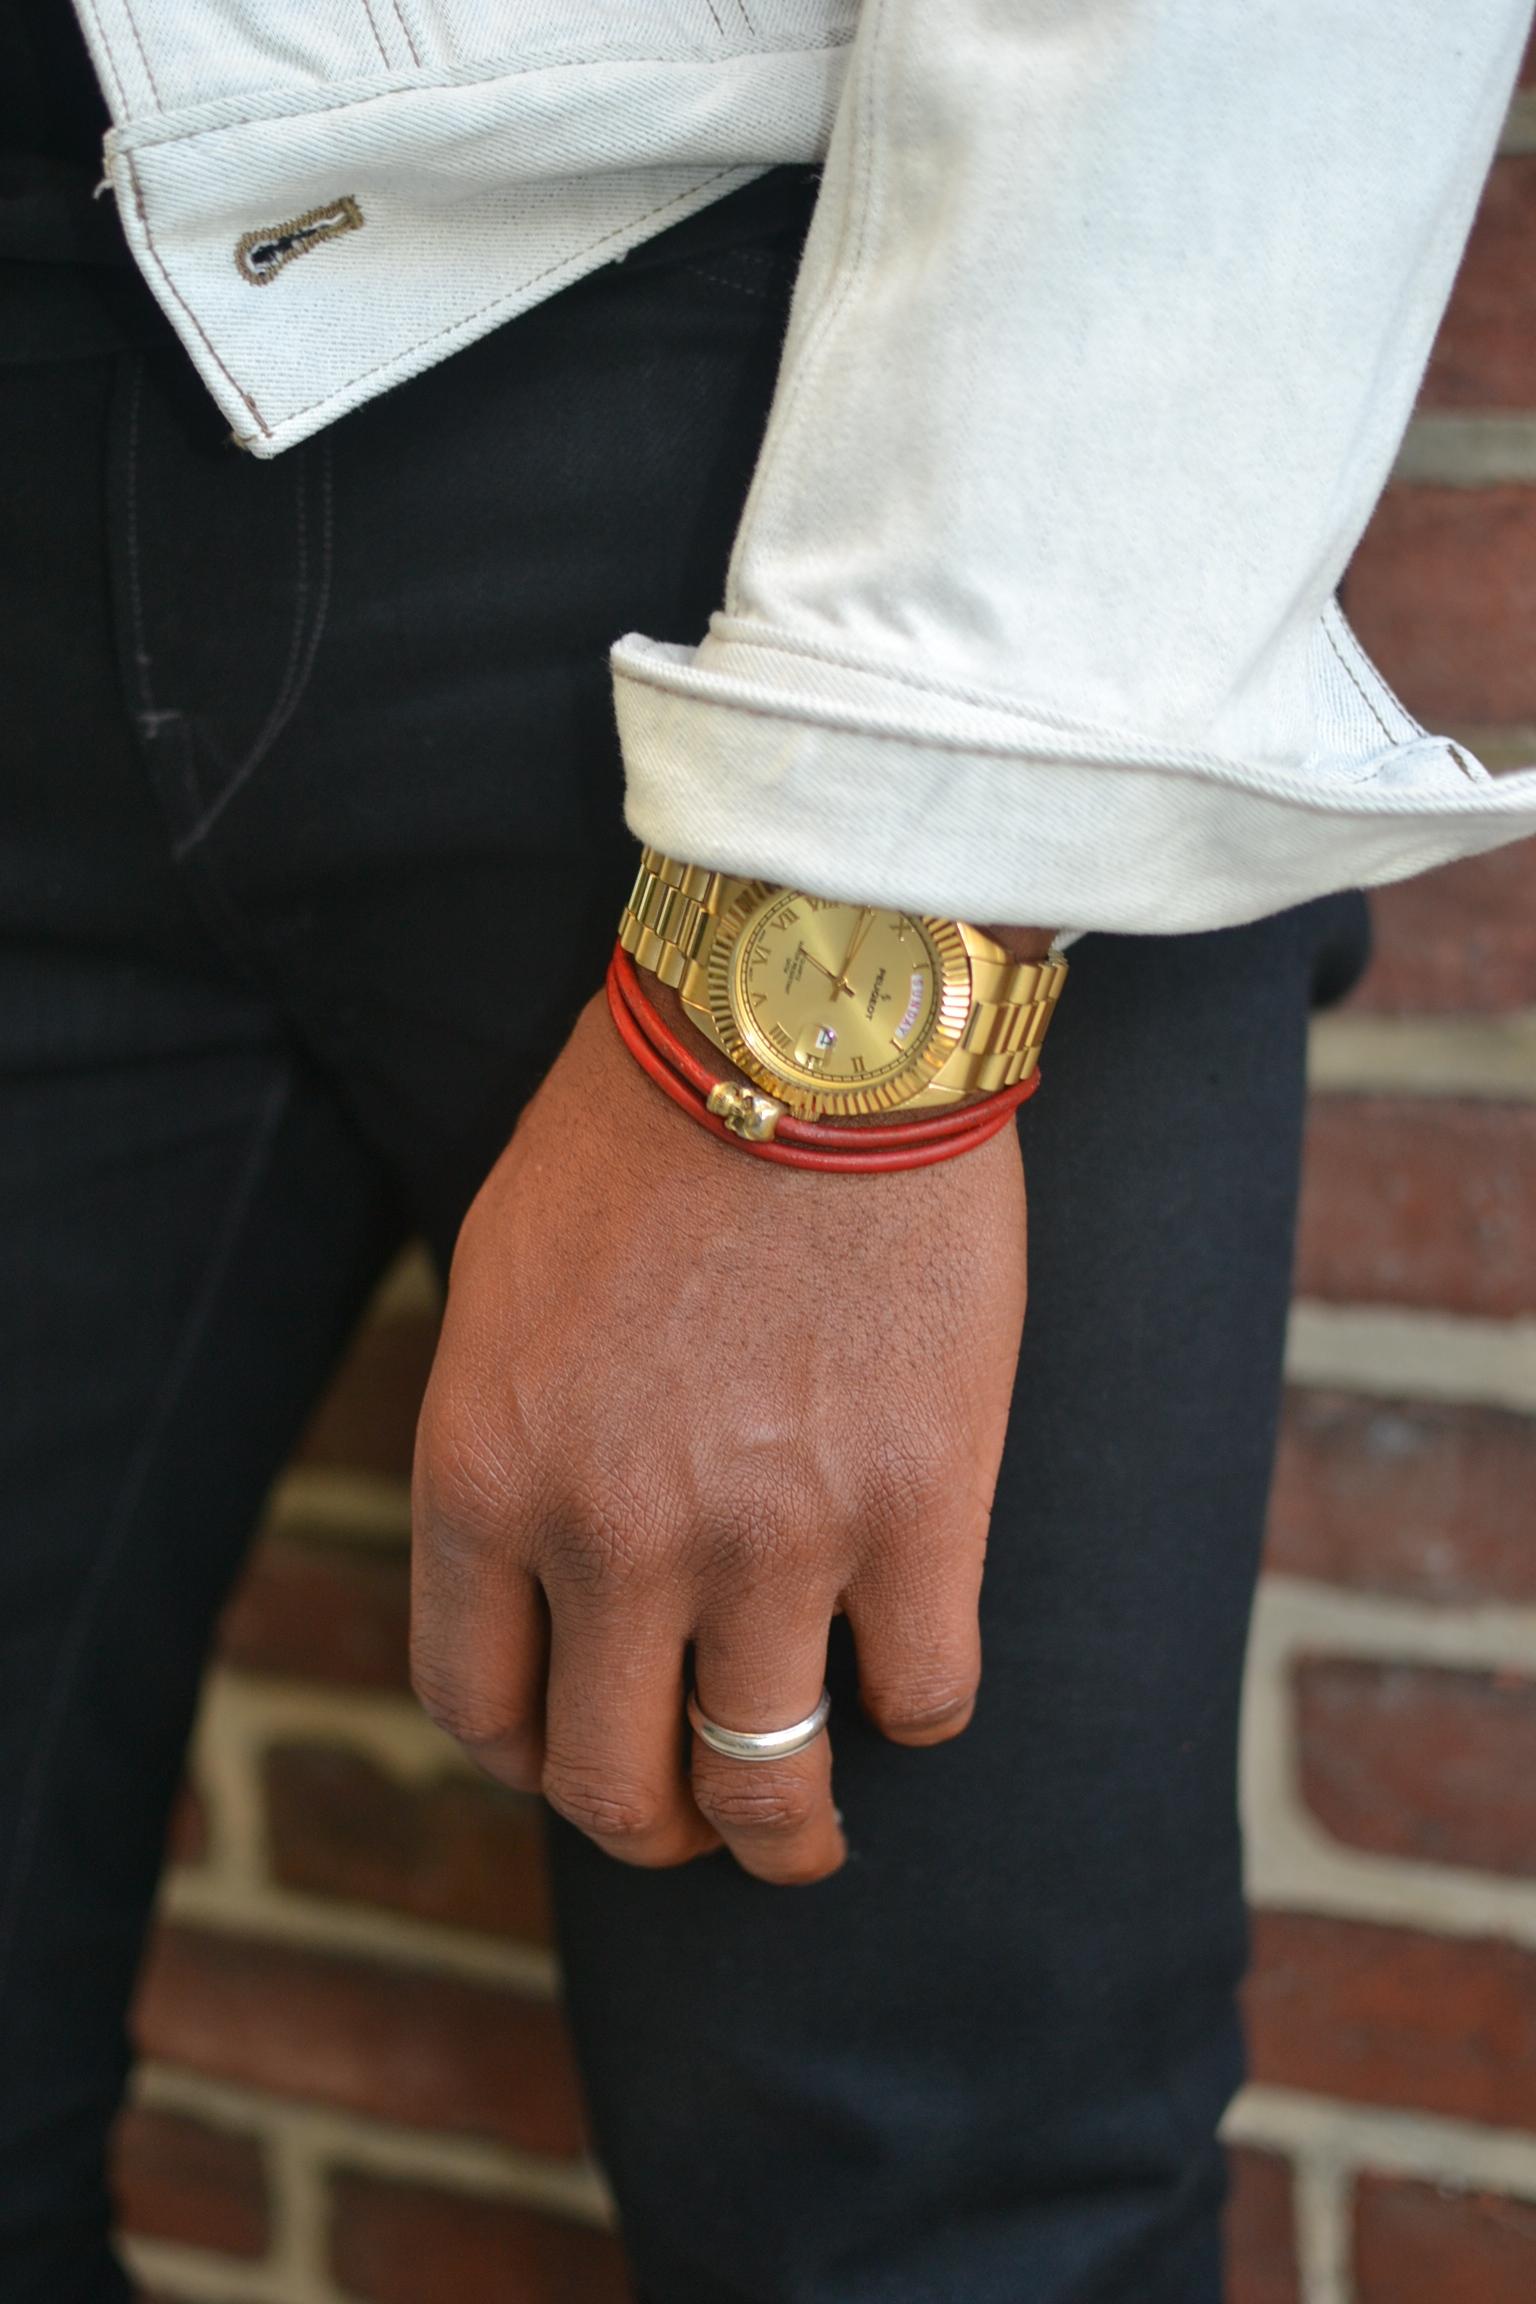 Sabir Peele in Bleach Onassis Jackets